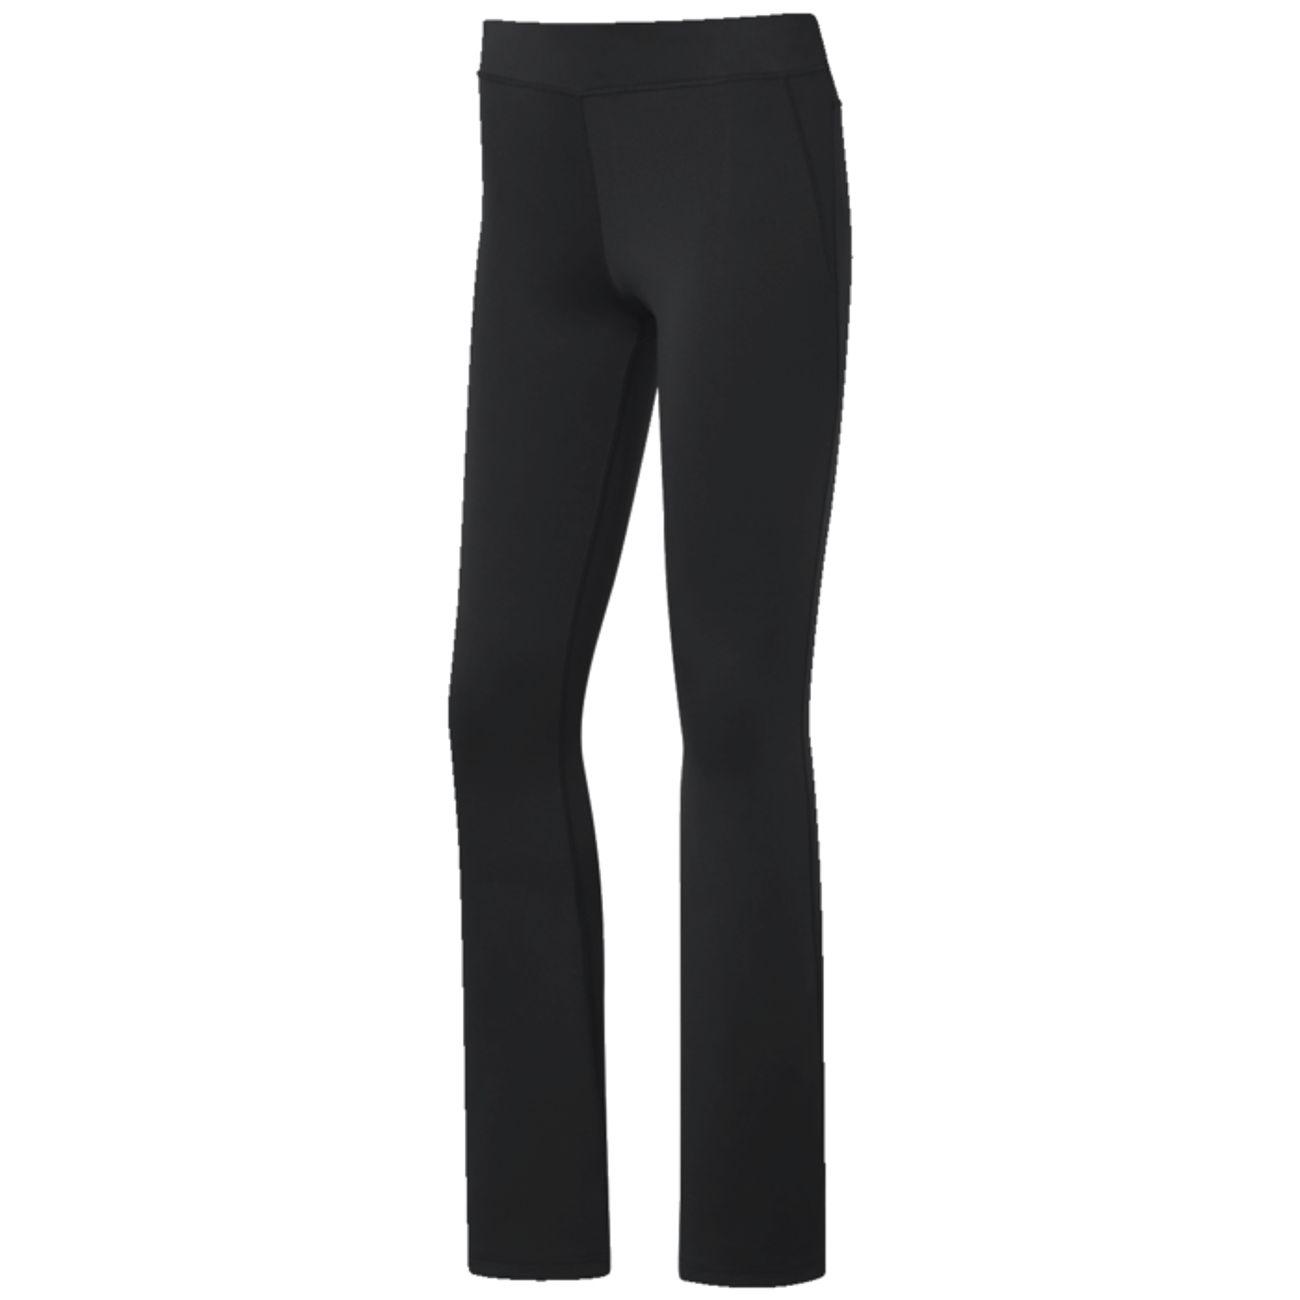 Pantalon de danse femme évasé Reebok – Soldes et achat pas